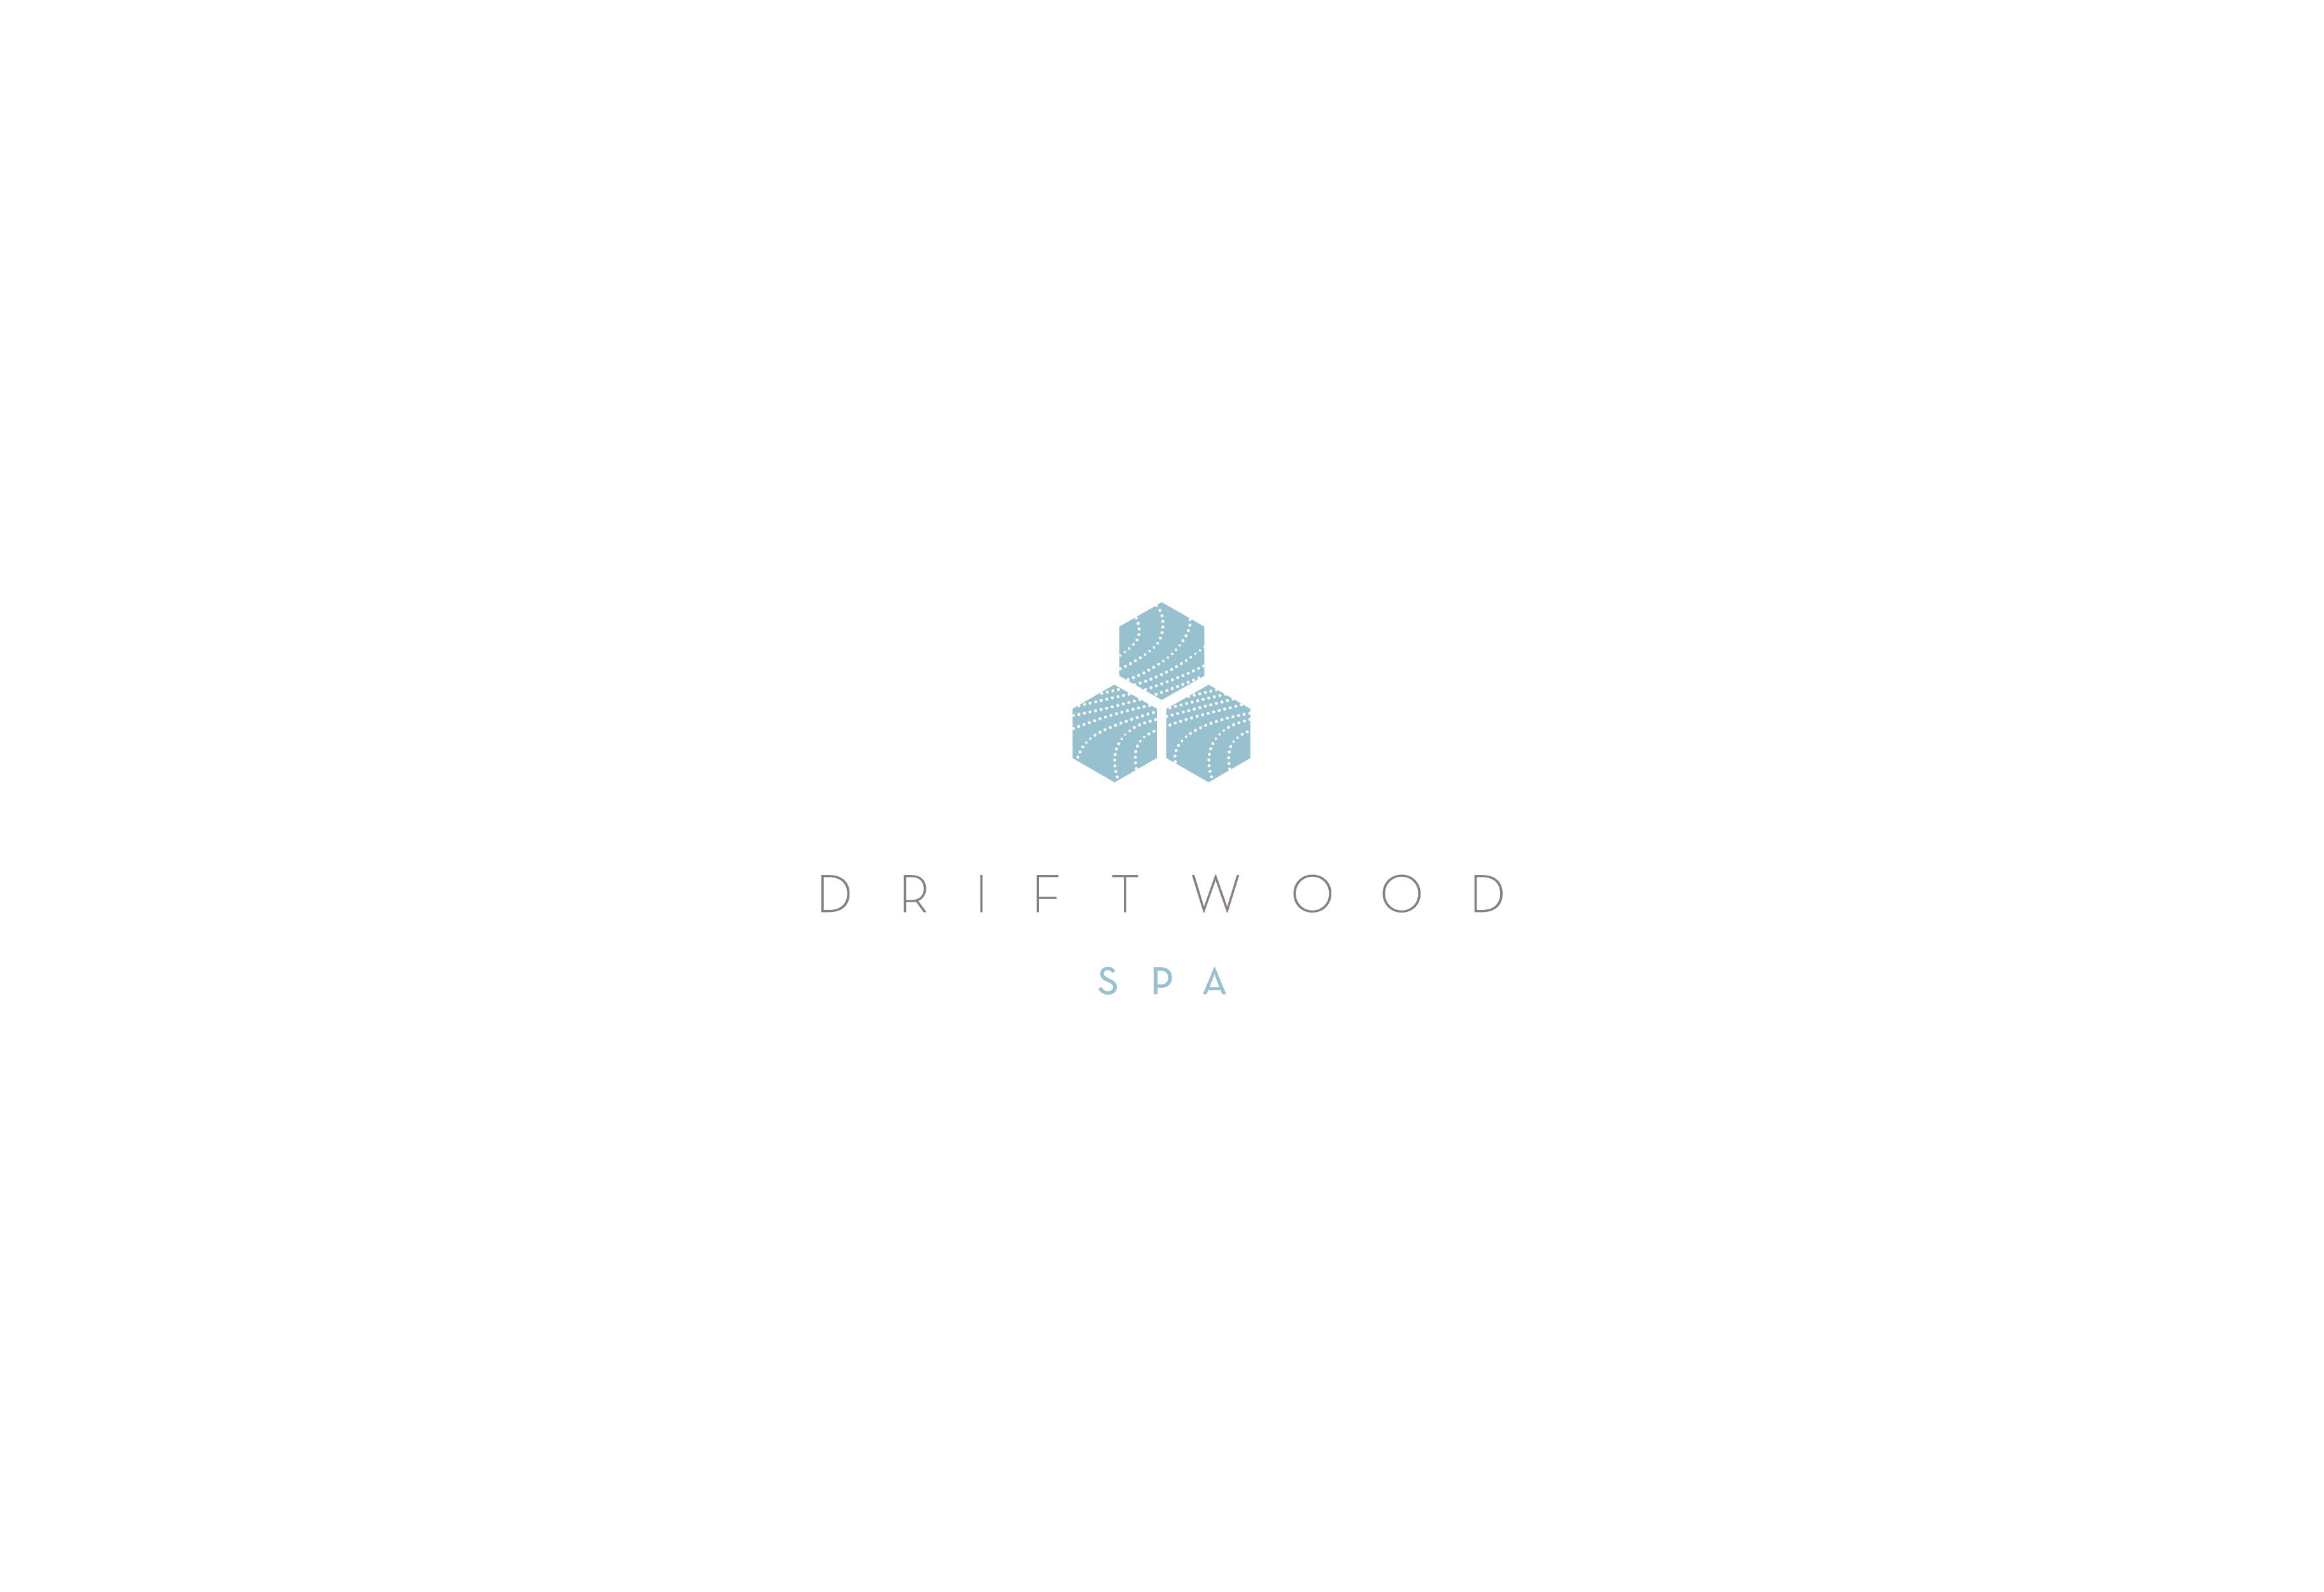 DriftwoodSpa_WebImages_v12